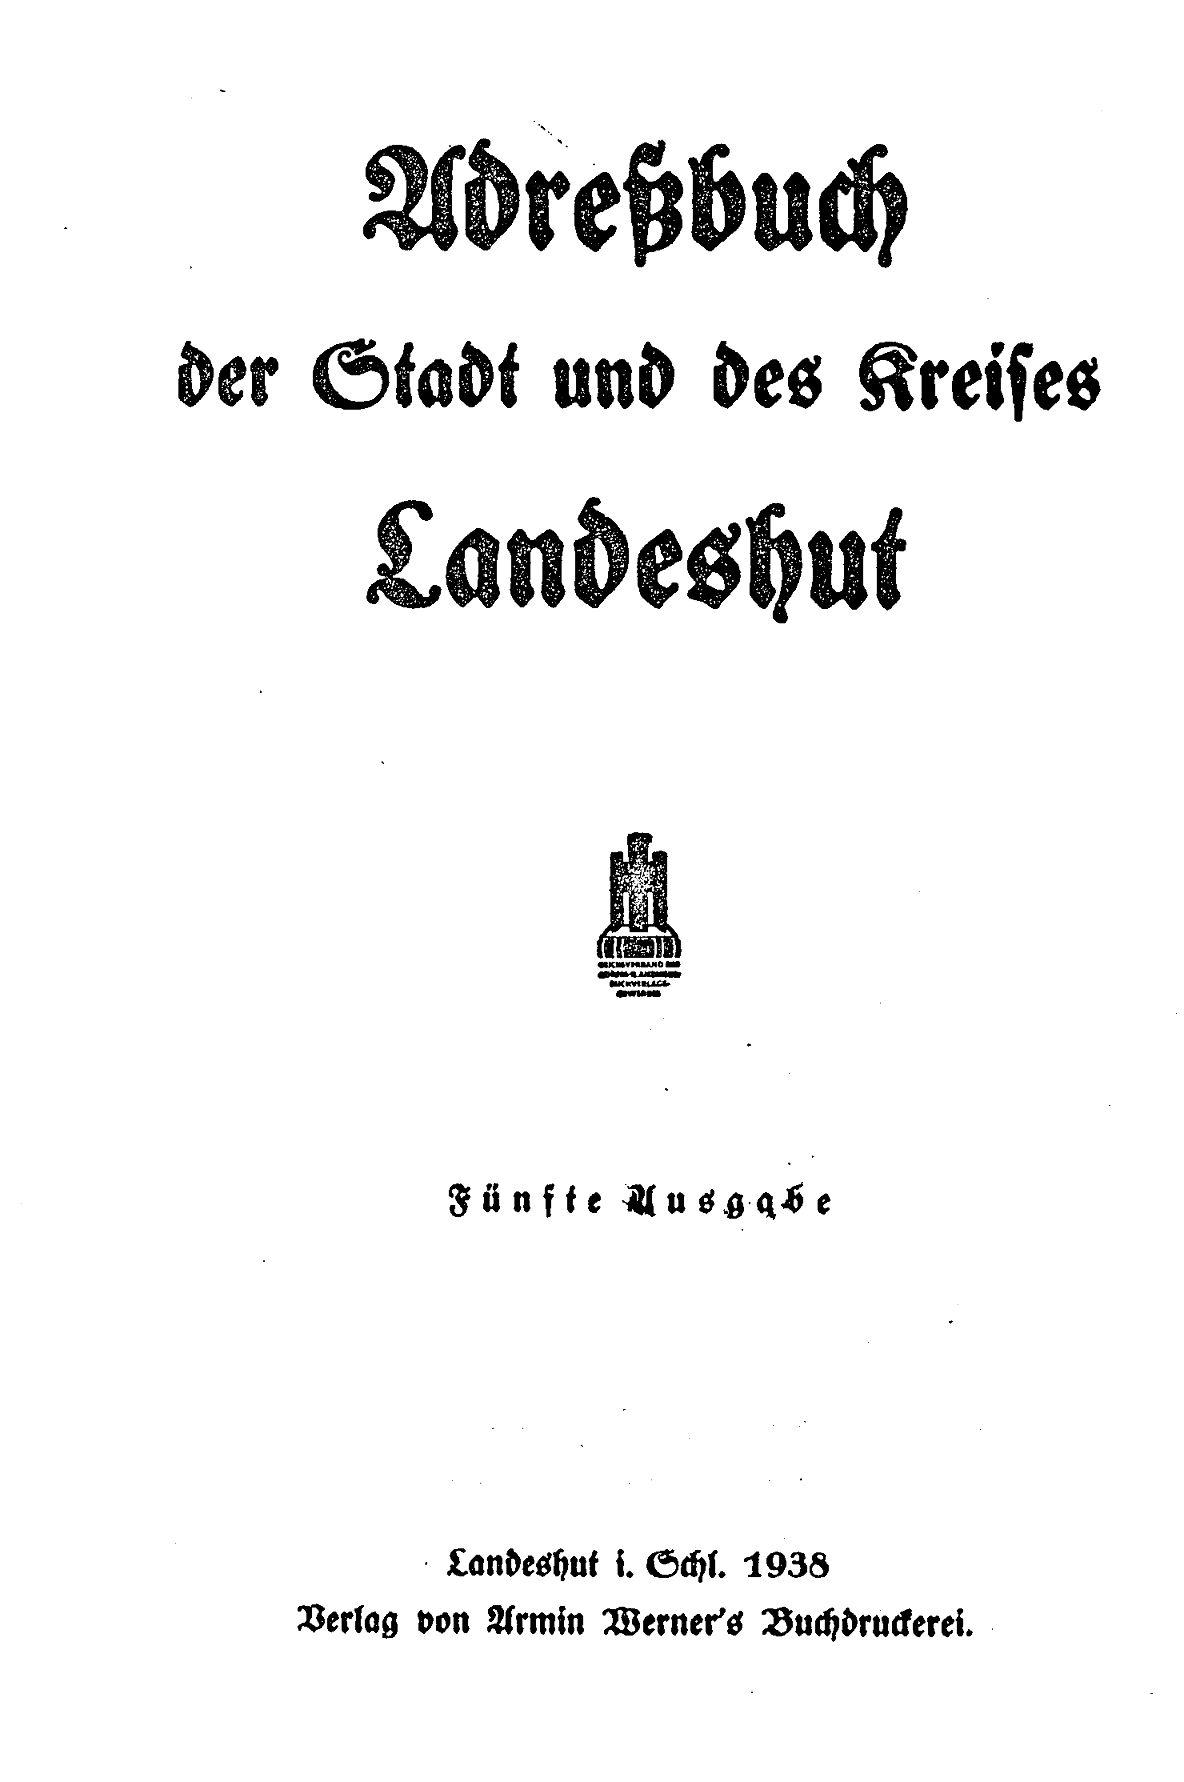 Adreßbuch der Stadt und des Kreises Landeshut 1938